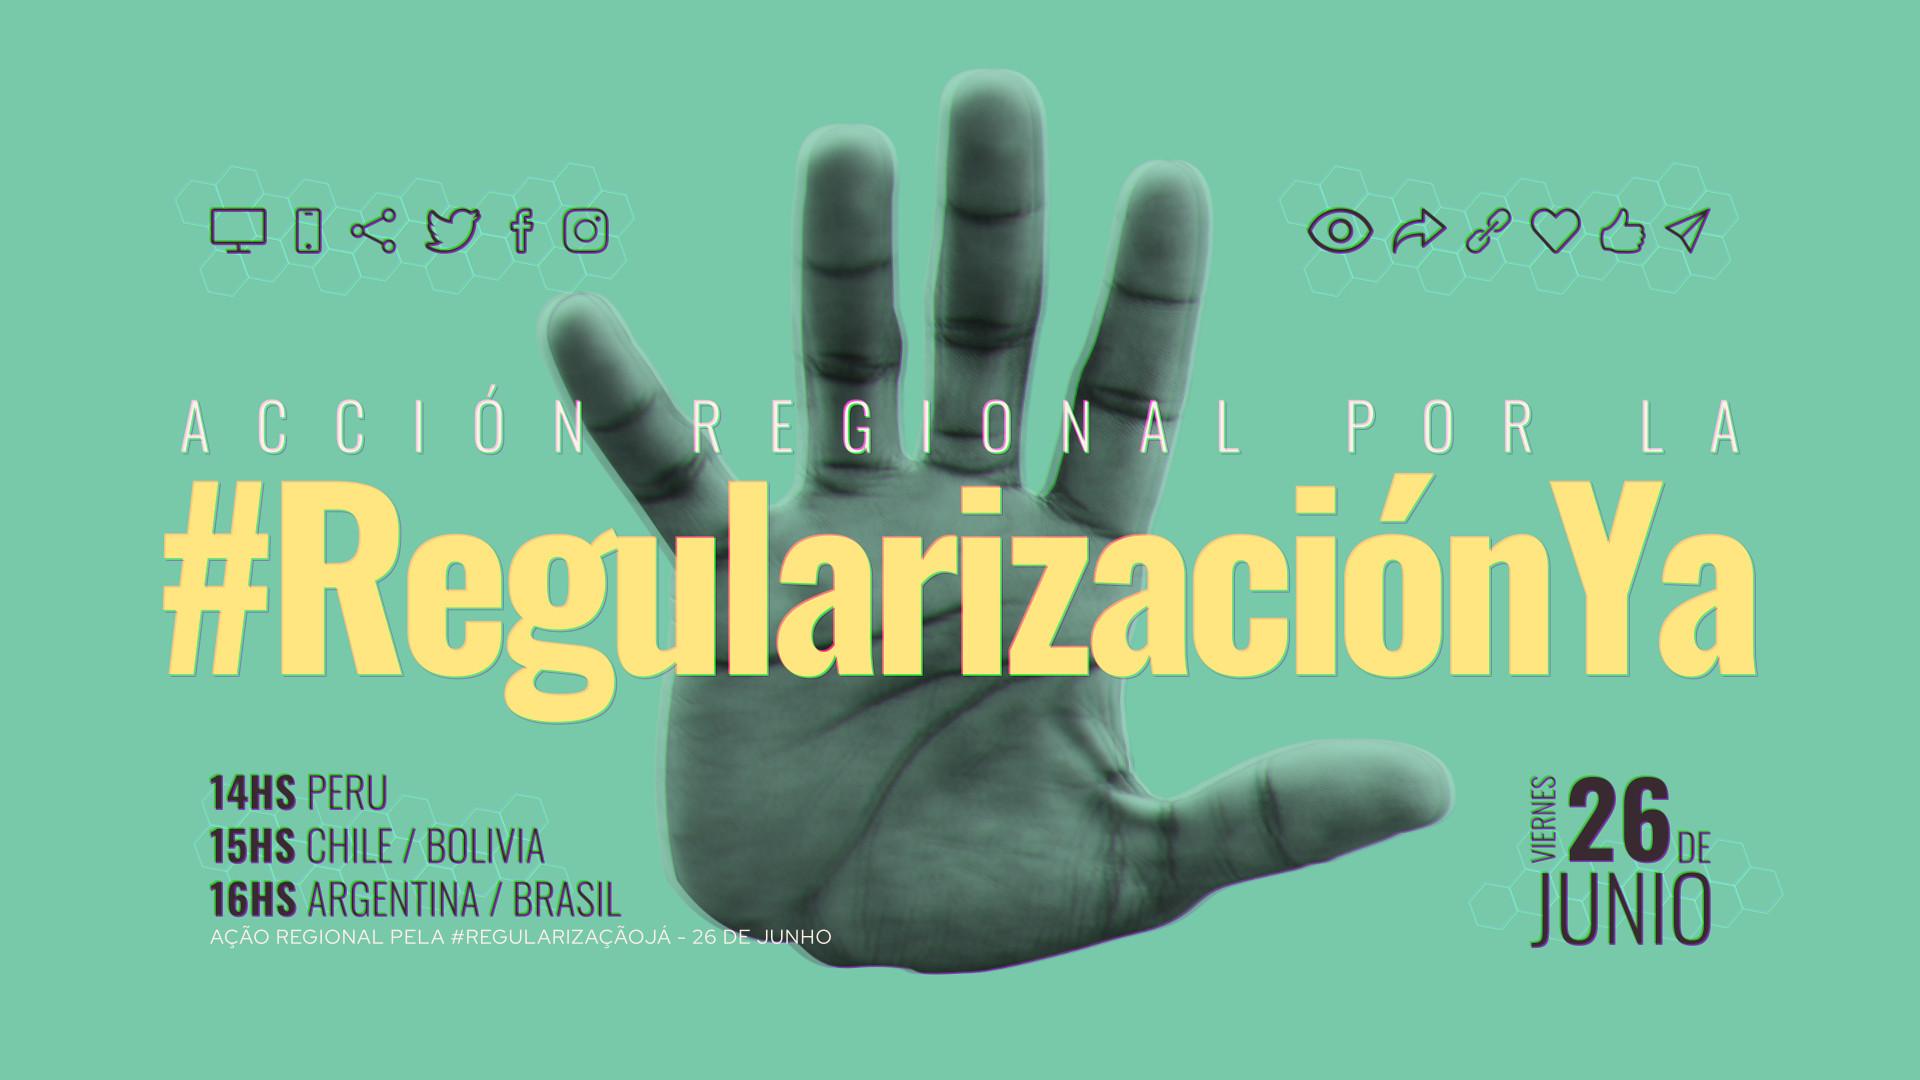 Imigrantes no Brasil e mais 4 países fazem campanha por regularização migratória em resposta à Covid-19